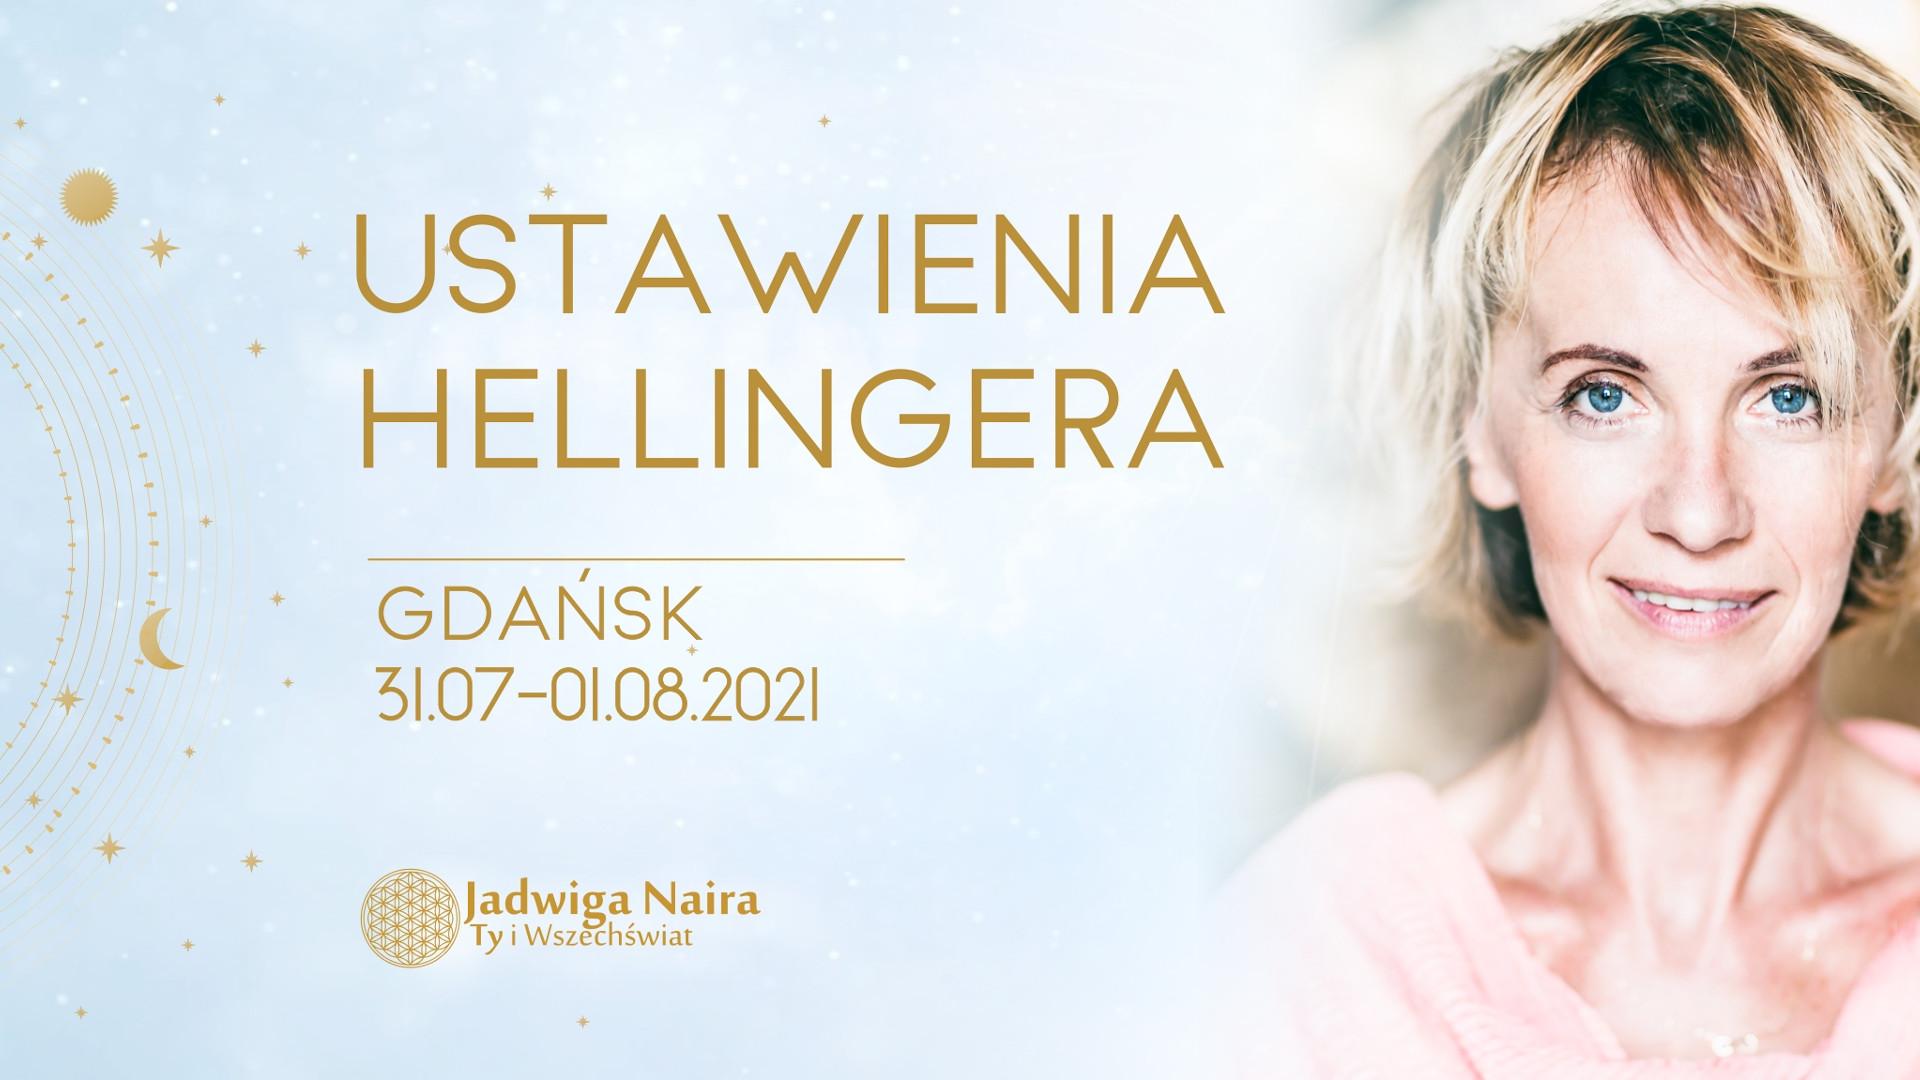 Ustawienia Hellingera - Gdańsk